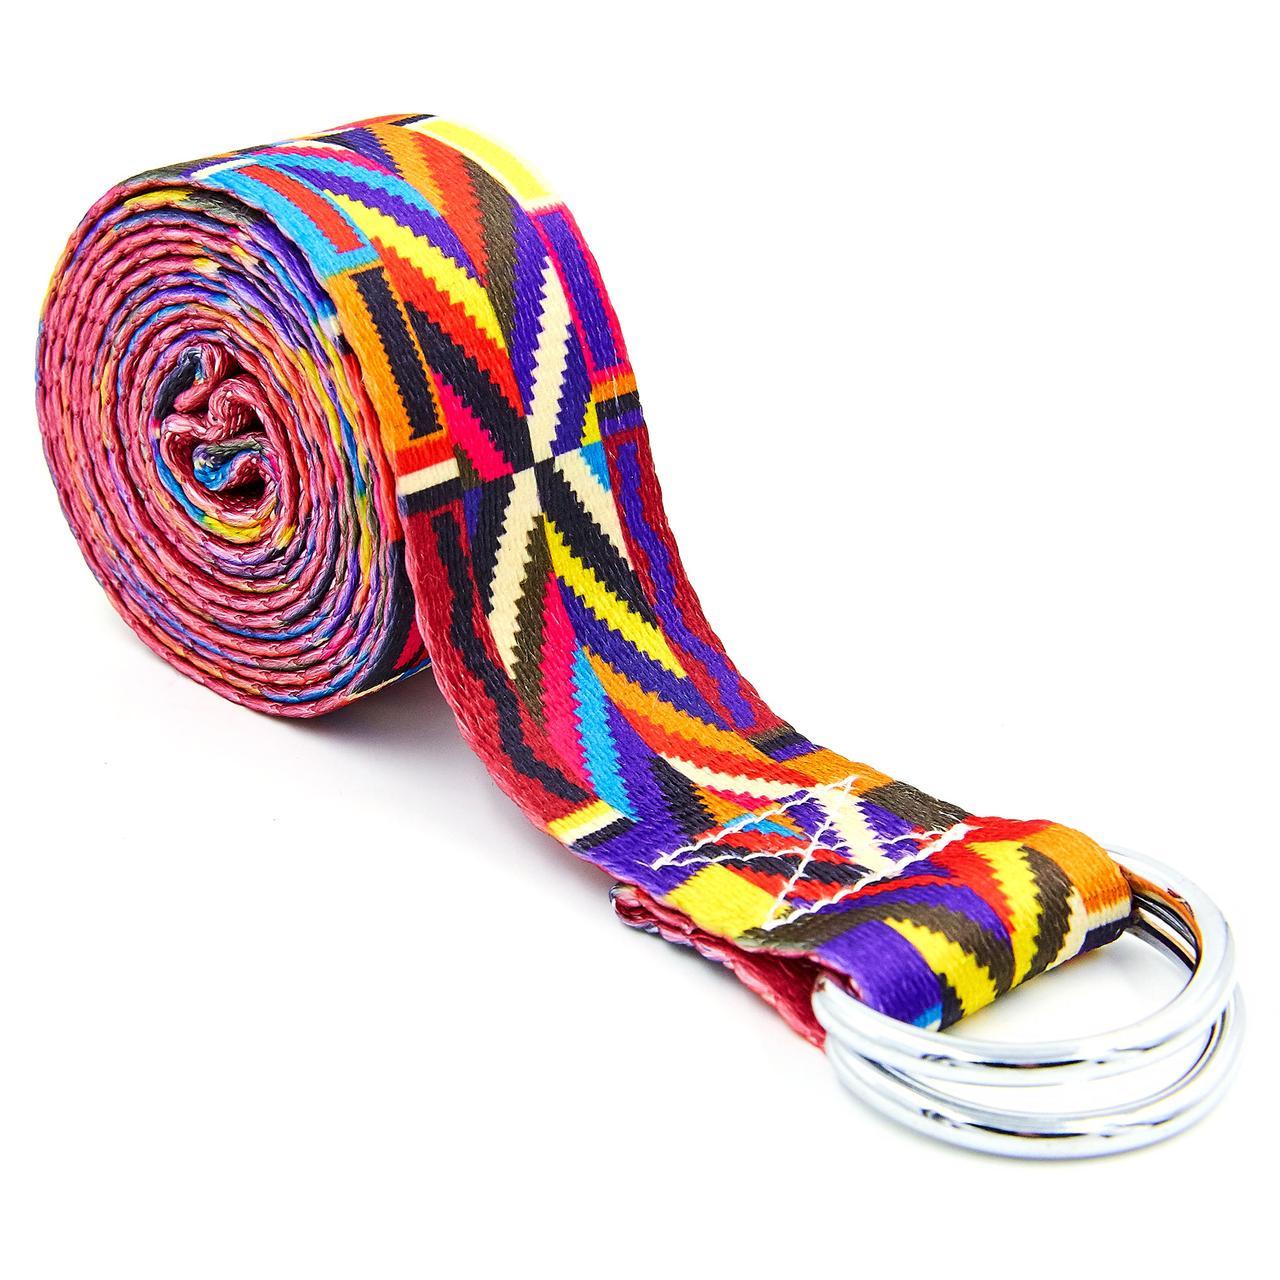 Ремень для йоги разноцветный (183x3,8 см) FI-6975-17